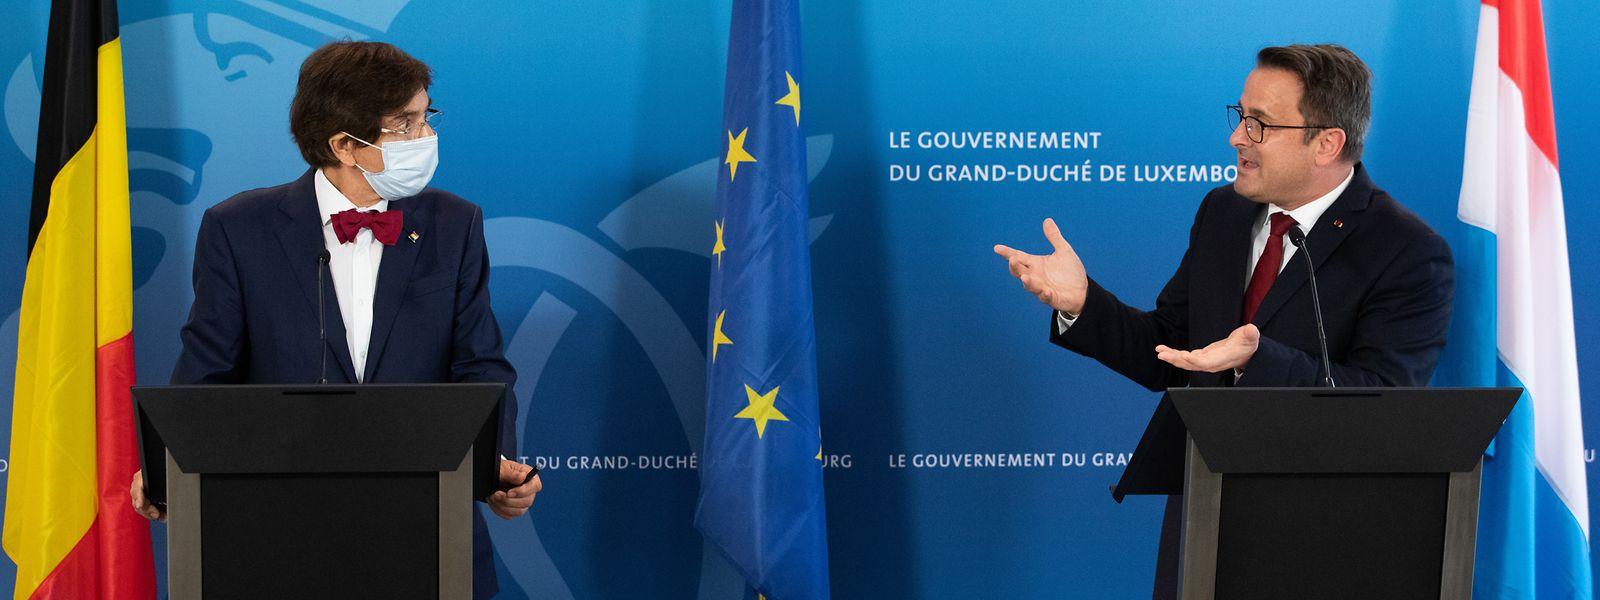 Pour Elio Di Rupo, ministre-président de la Région wallonne, le monde post-covid devra notamment bénéficier d'une mobilité «plus fluide» de part et d'autre de la frontière.